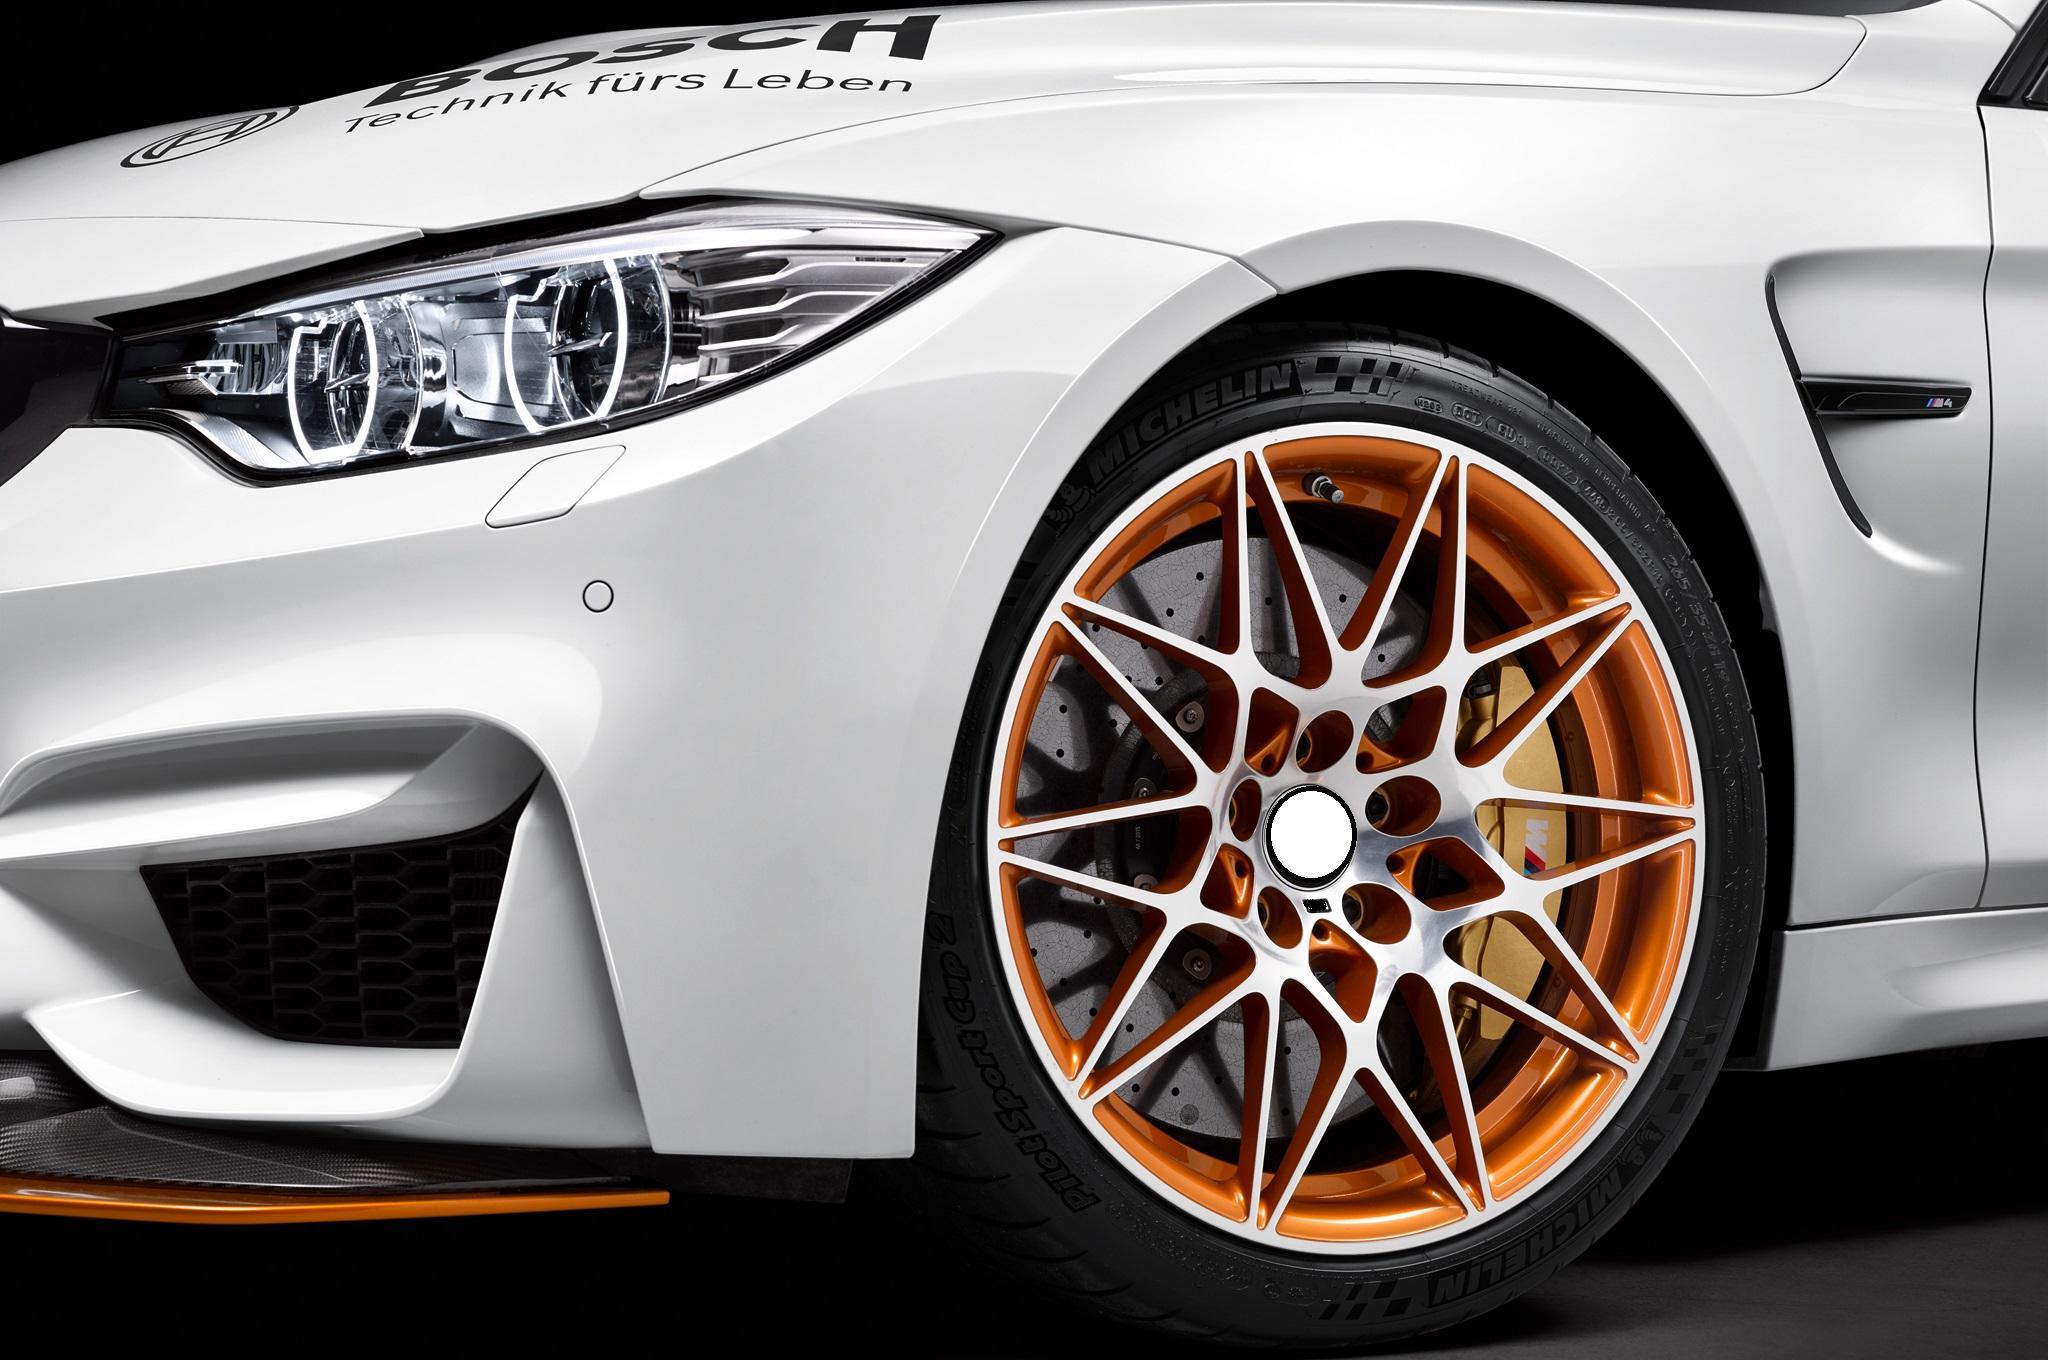 BMW-M4-GTS-DTM-Safety-Car-wheels